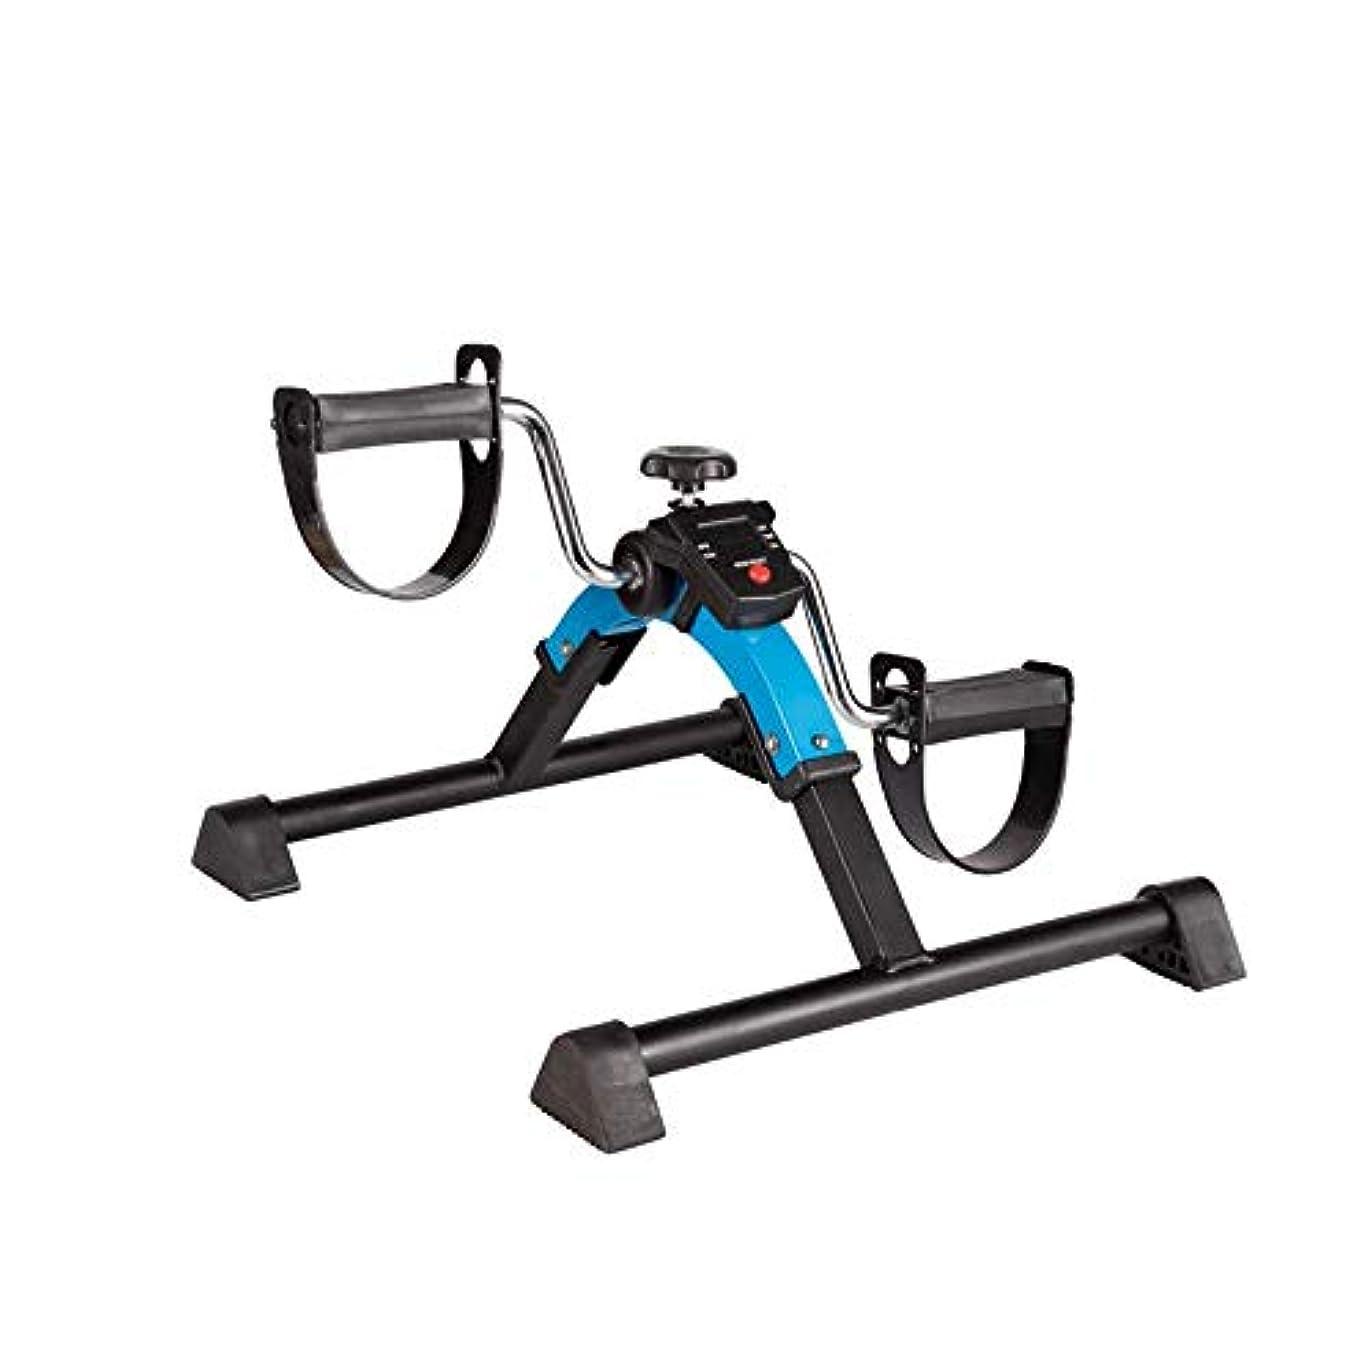 有力者フェンス多数の上肢および下肢エクササイズペダル、レッグマシン、リハビリトレーニング機器、脳卒中、片麻痺、手足、二重使用自転車